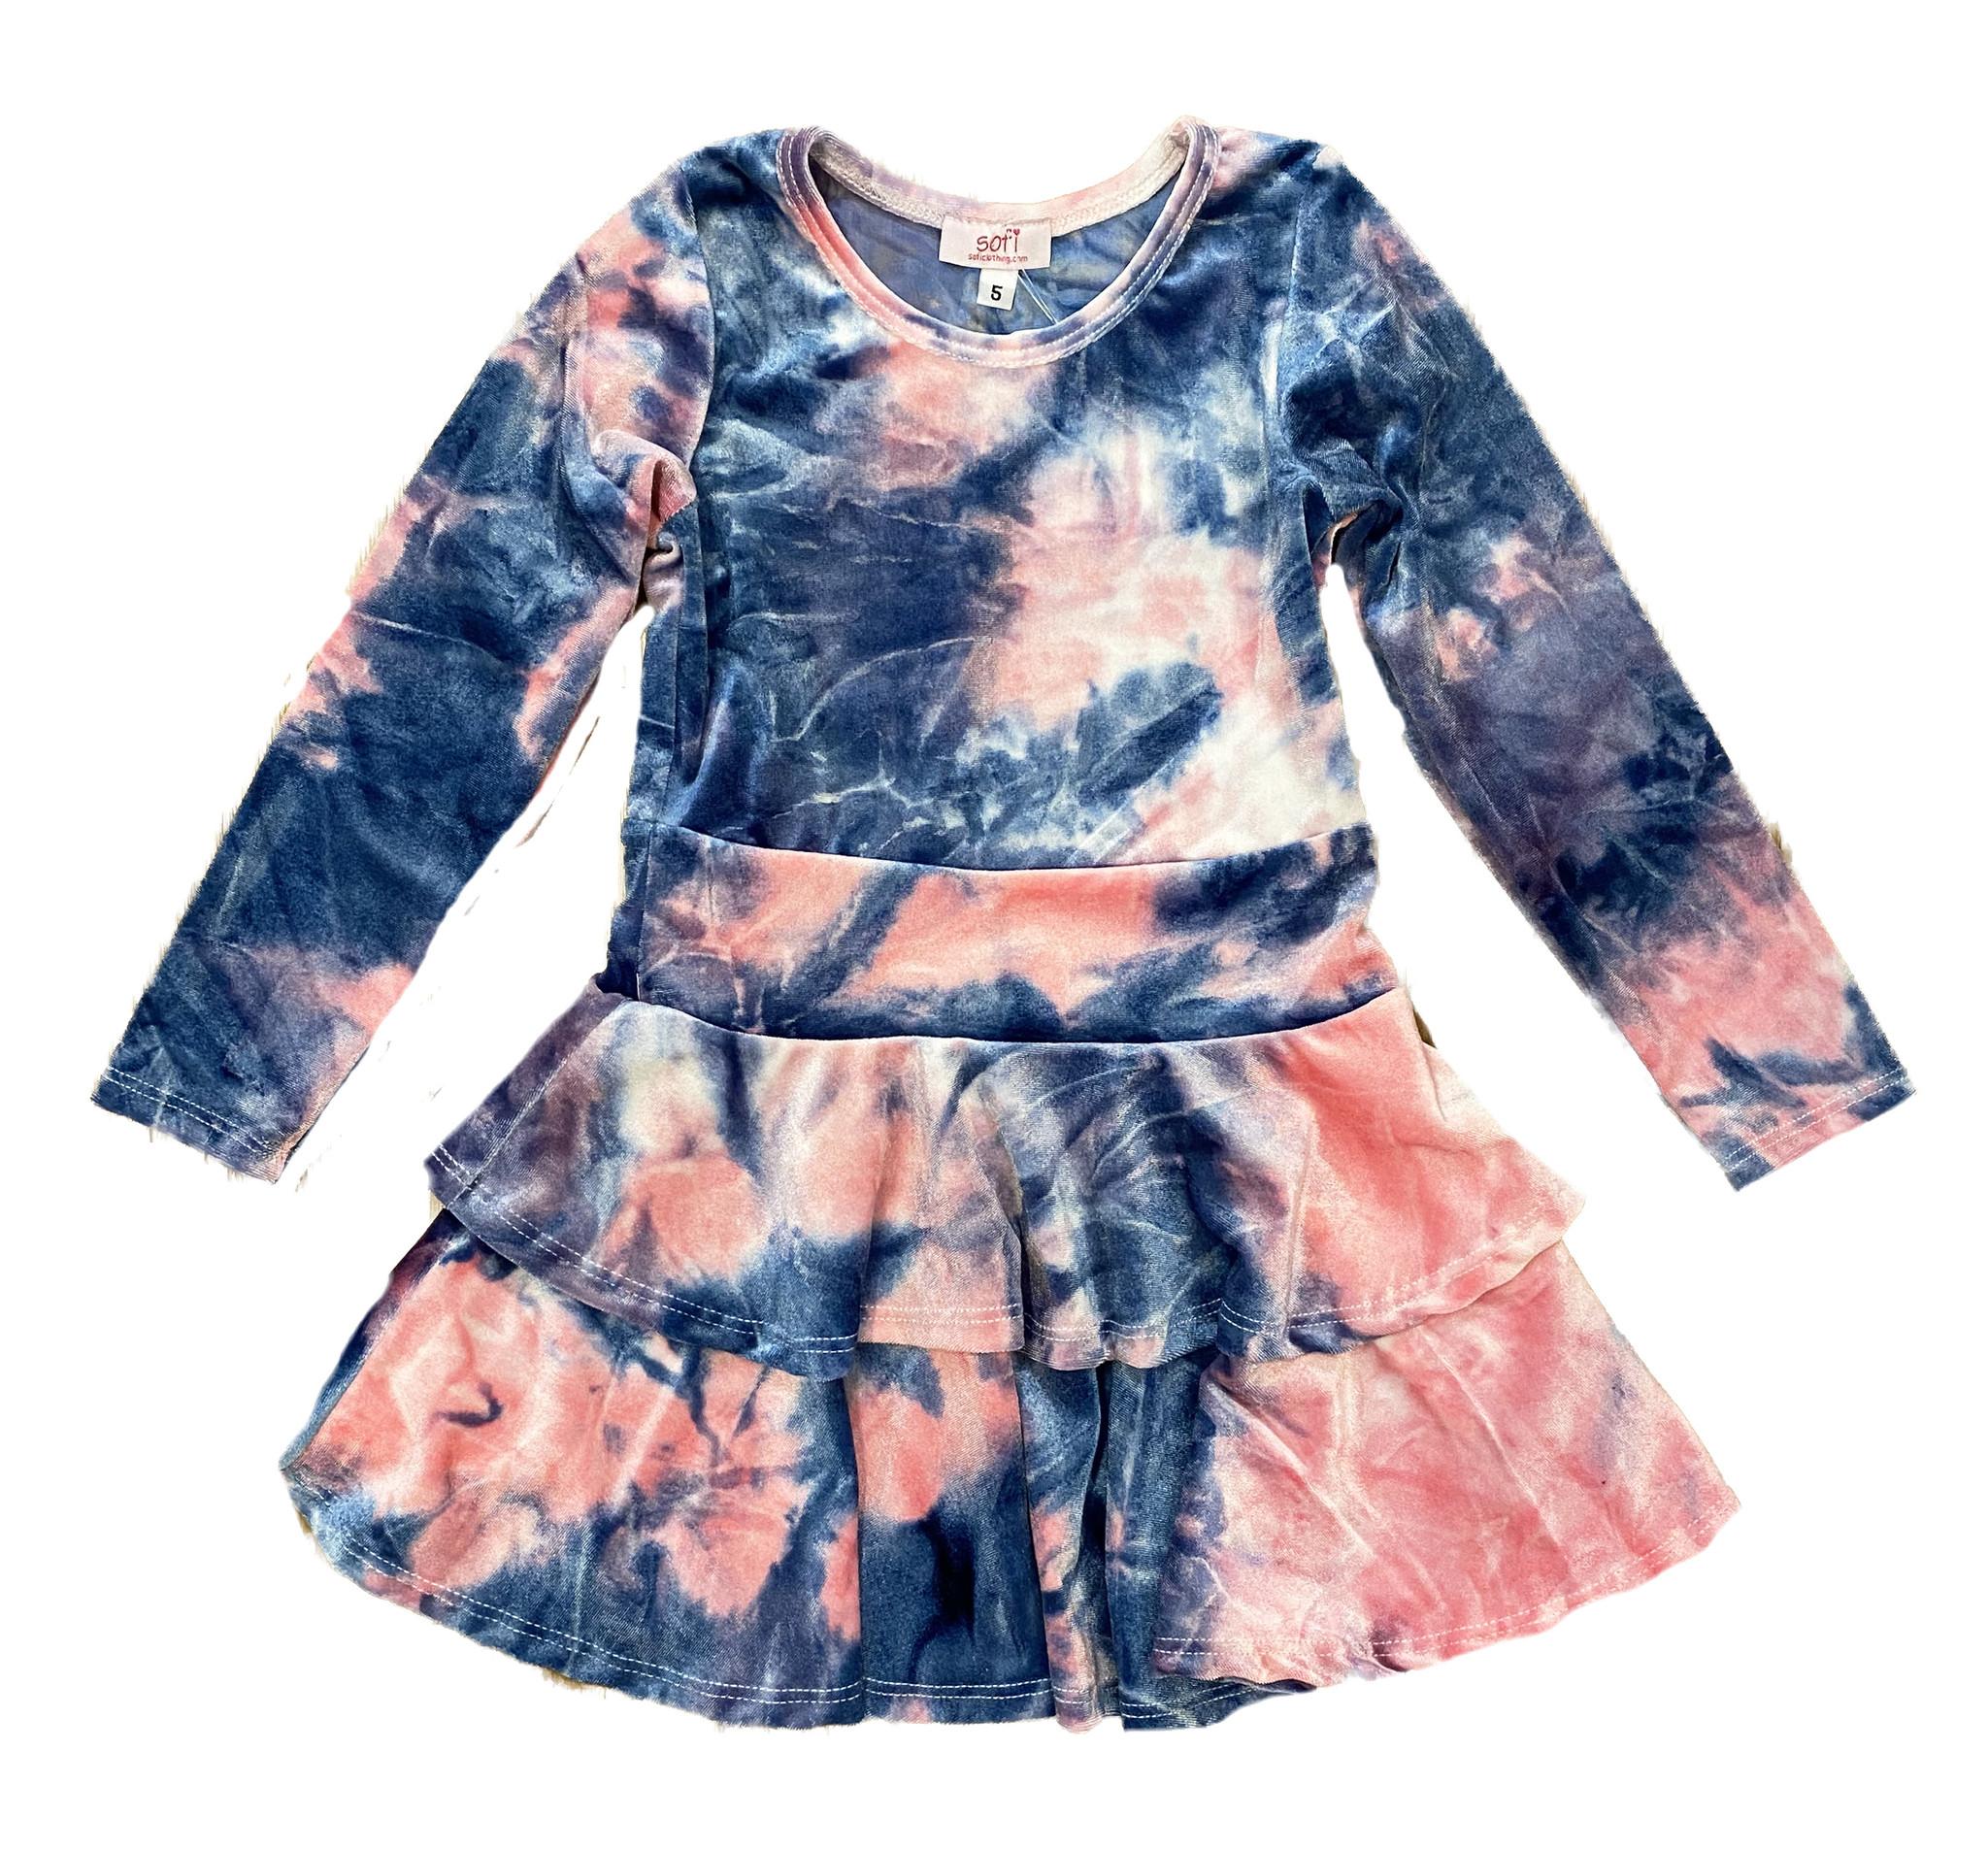 Sofi Pink/Blue TD Velvet 2 Tier Dress